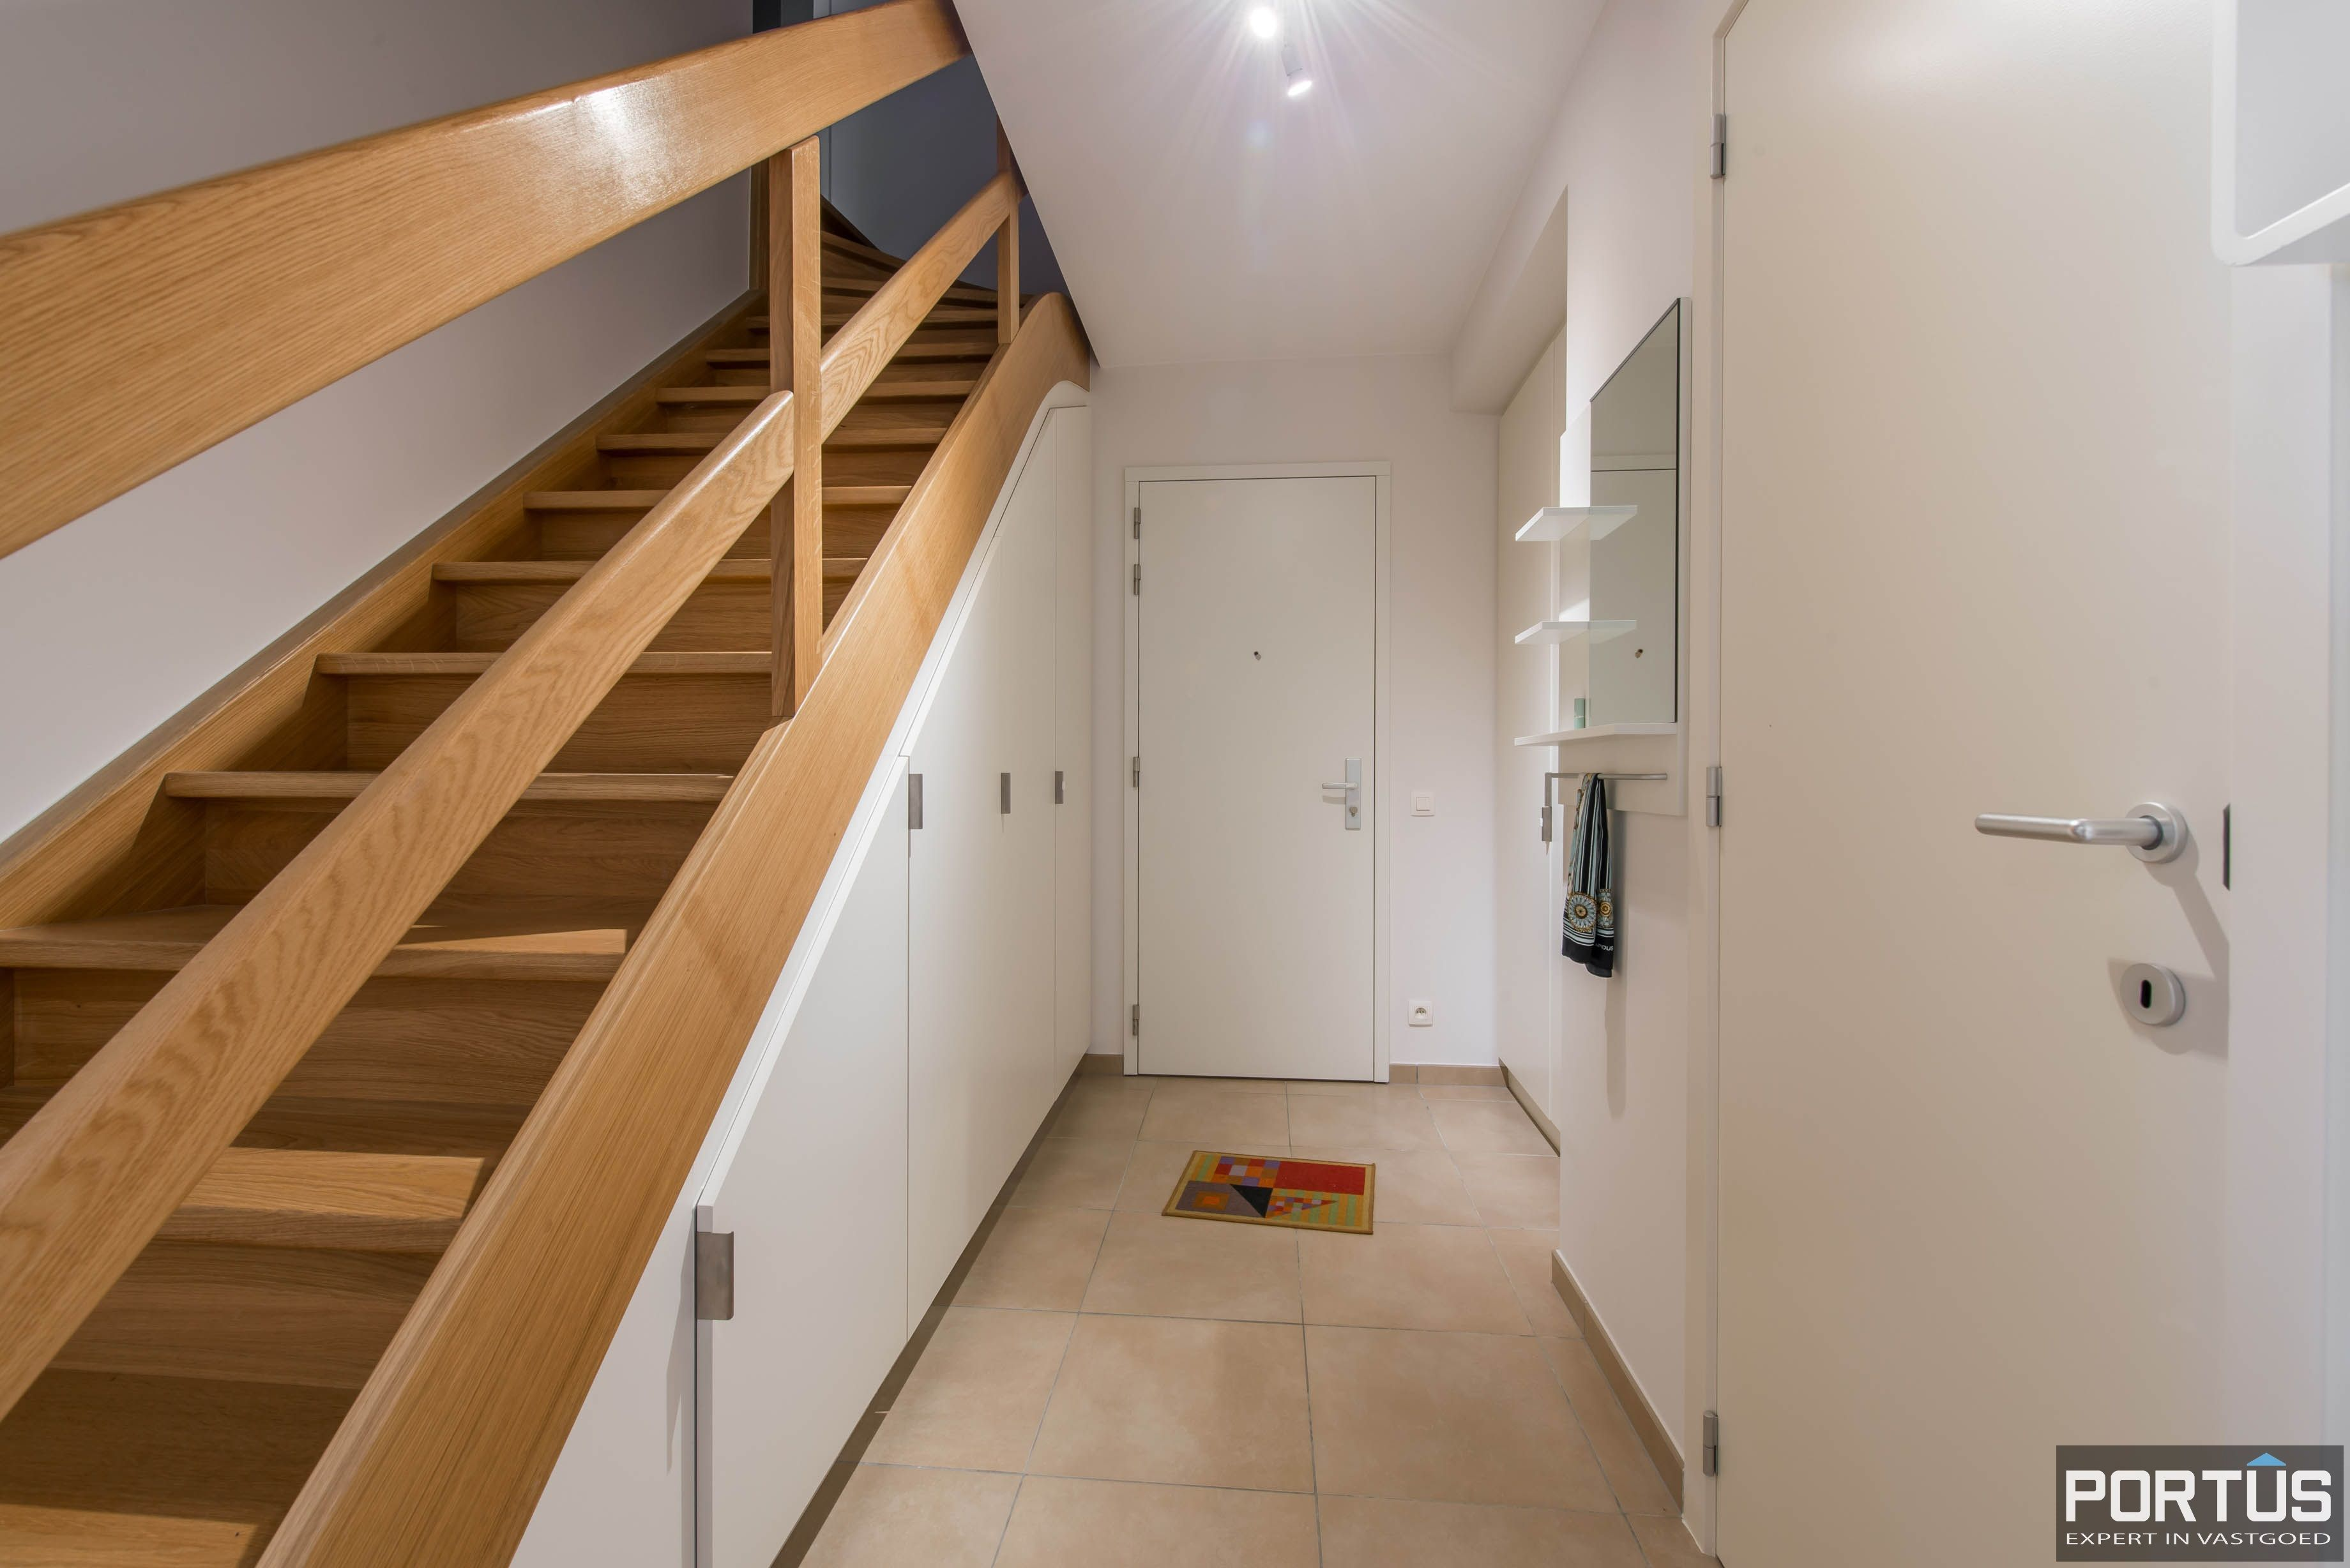 Instapklaar appartement te koop met prachtig zicht op Maritiem park te Nieuwpoort - 13315